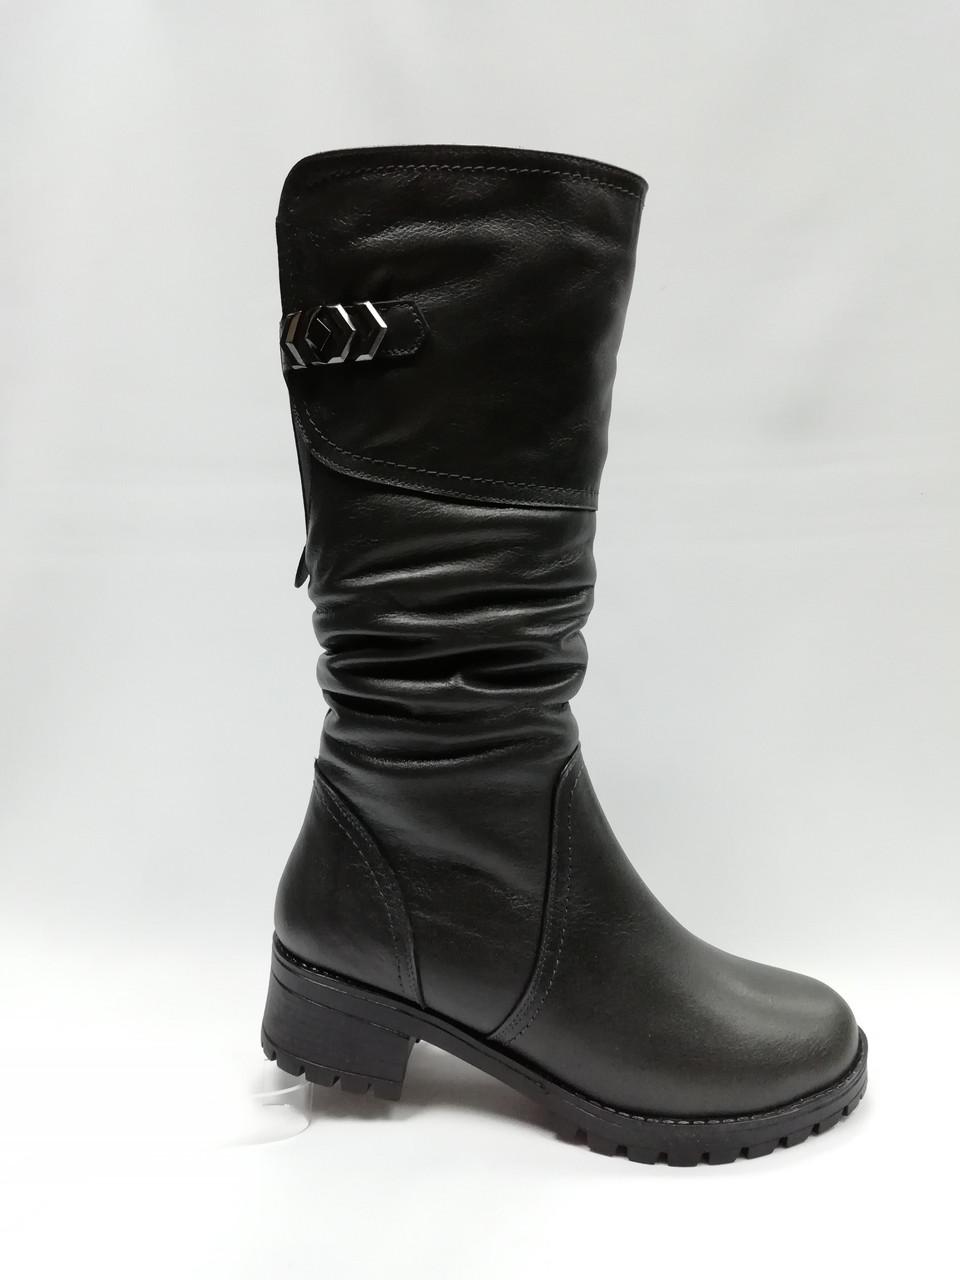 Чорні зимові чоботи. Україна. Розміри 36 - 42.